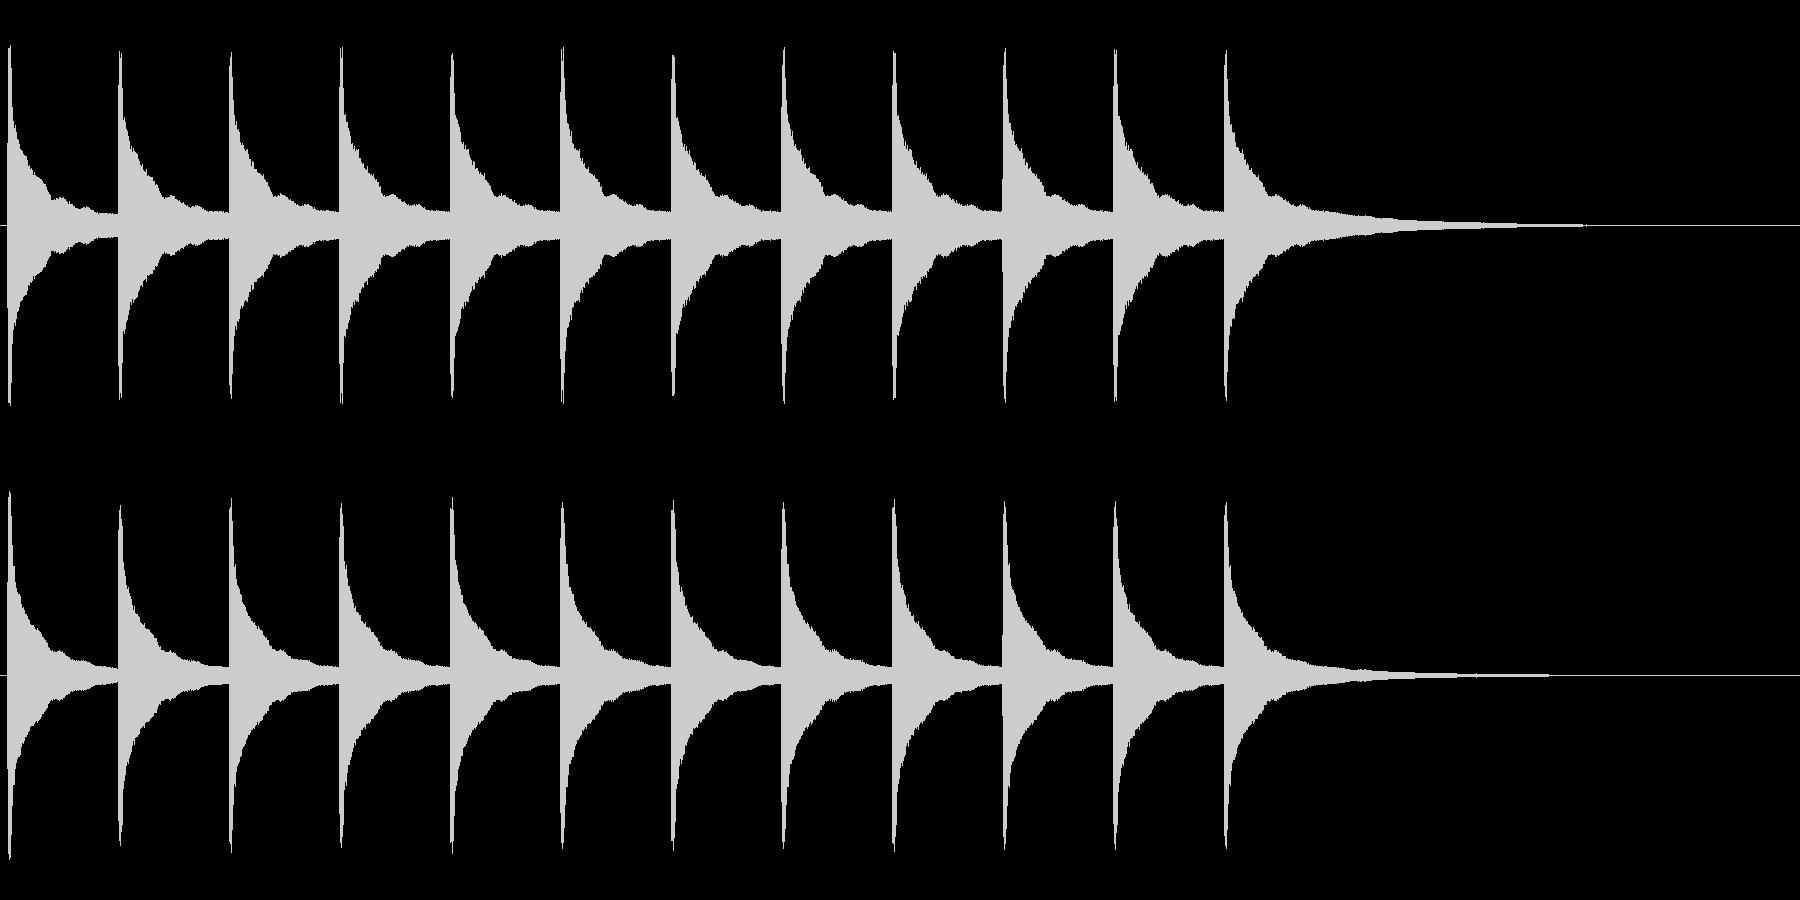 振り子時計 時報-2 チーンチーンの未再生の波形